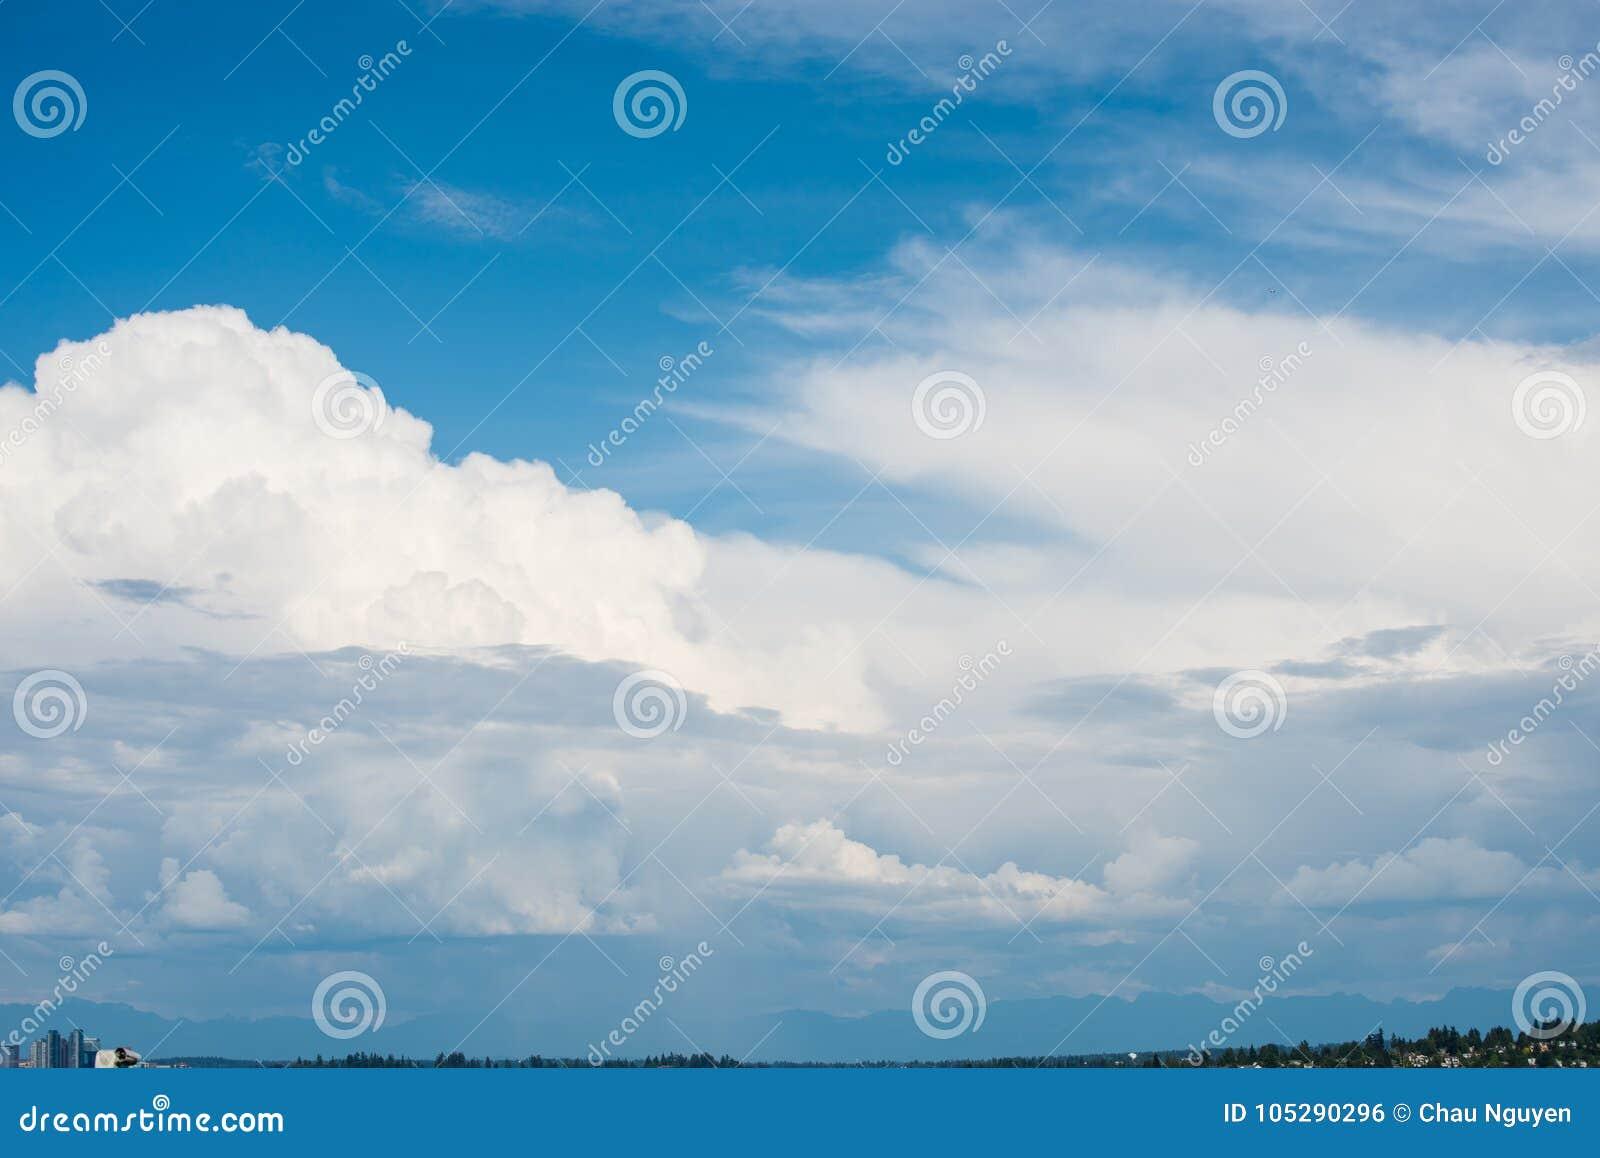 Mooie duidelijke blauwe hemel met lagen witte wolken die langs vliegen